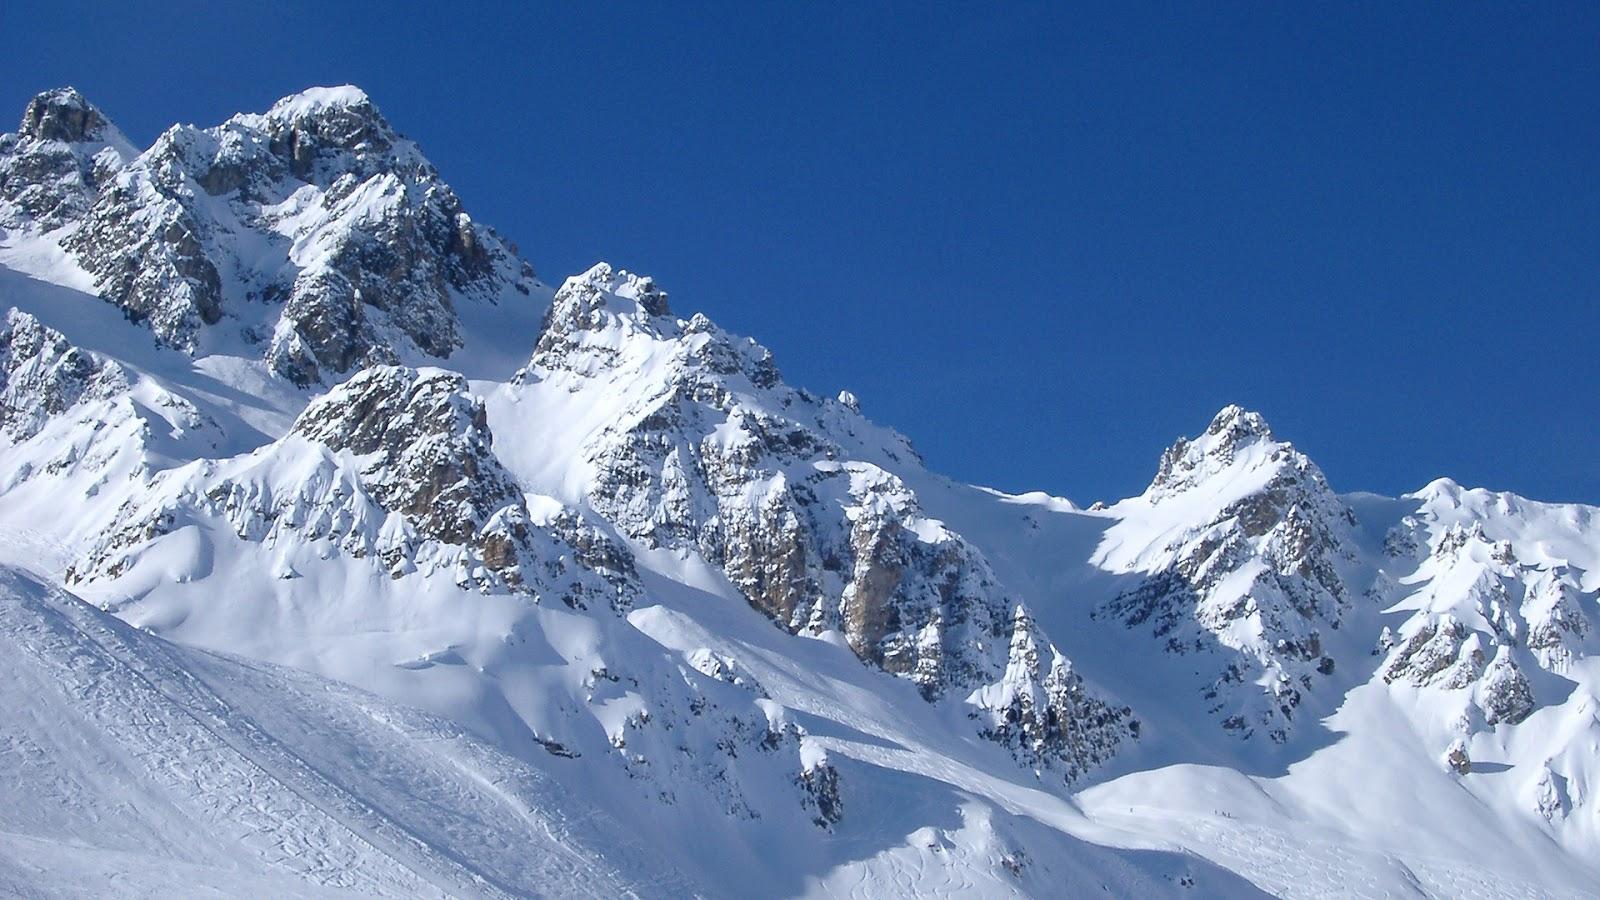 Fondo Escritorio Paisaje Montaña Nevada: Fondo De Pantalla Paisajes Montaña Completamente Nevada